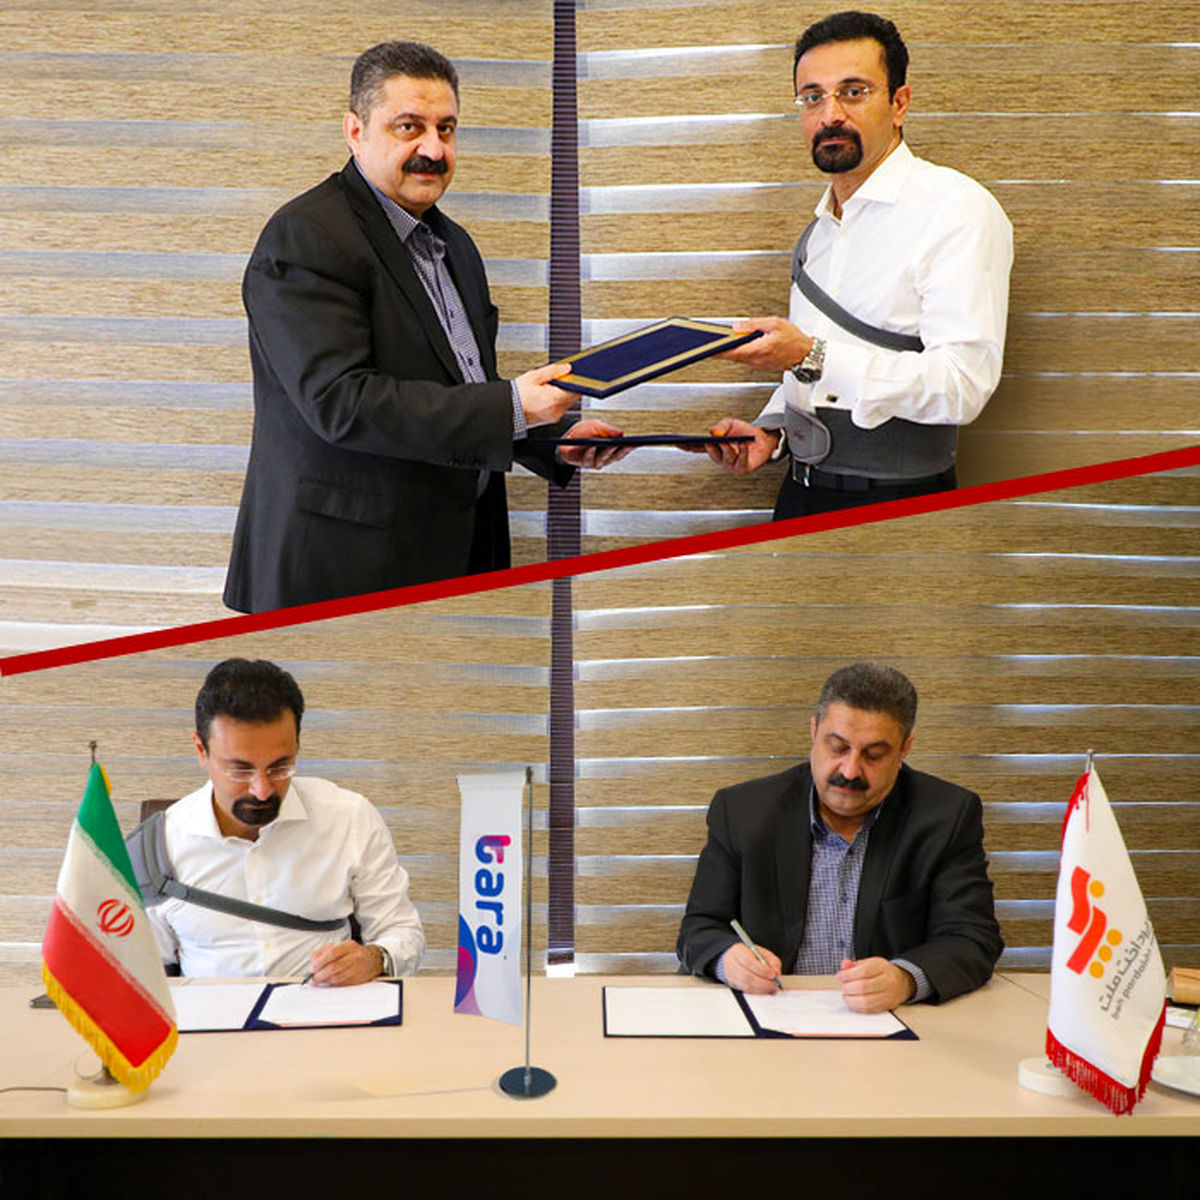 تفاهم نامه همکاری میان شرکت تارا و به پرداخت ملت منعقد شد